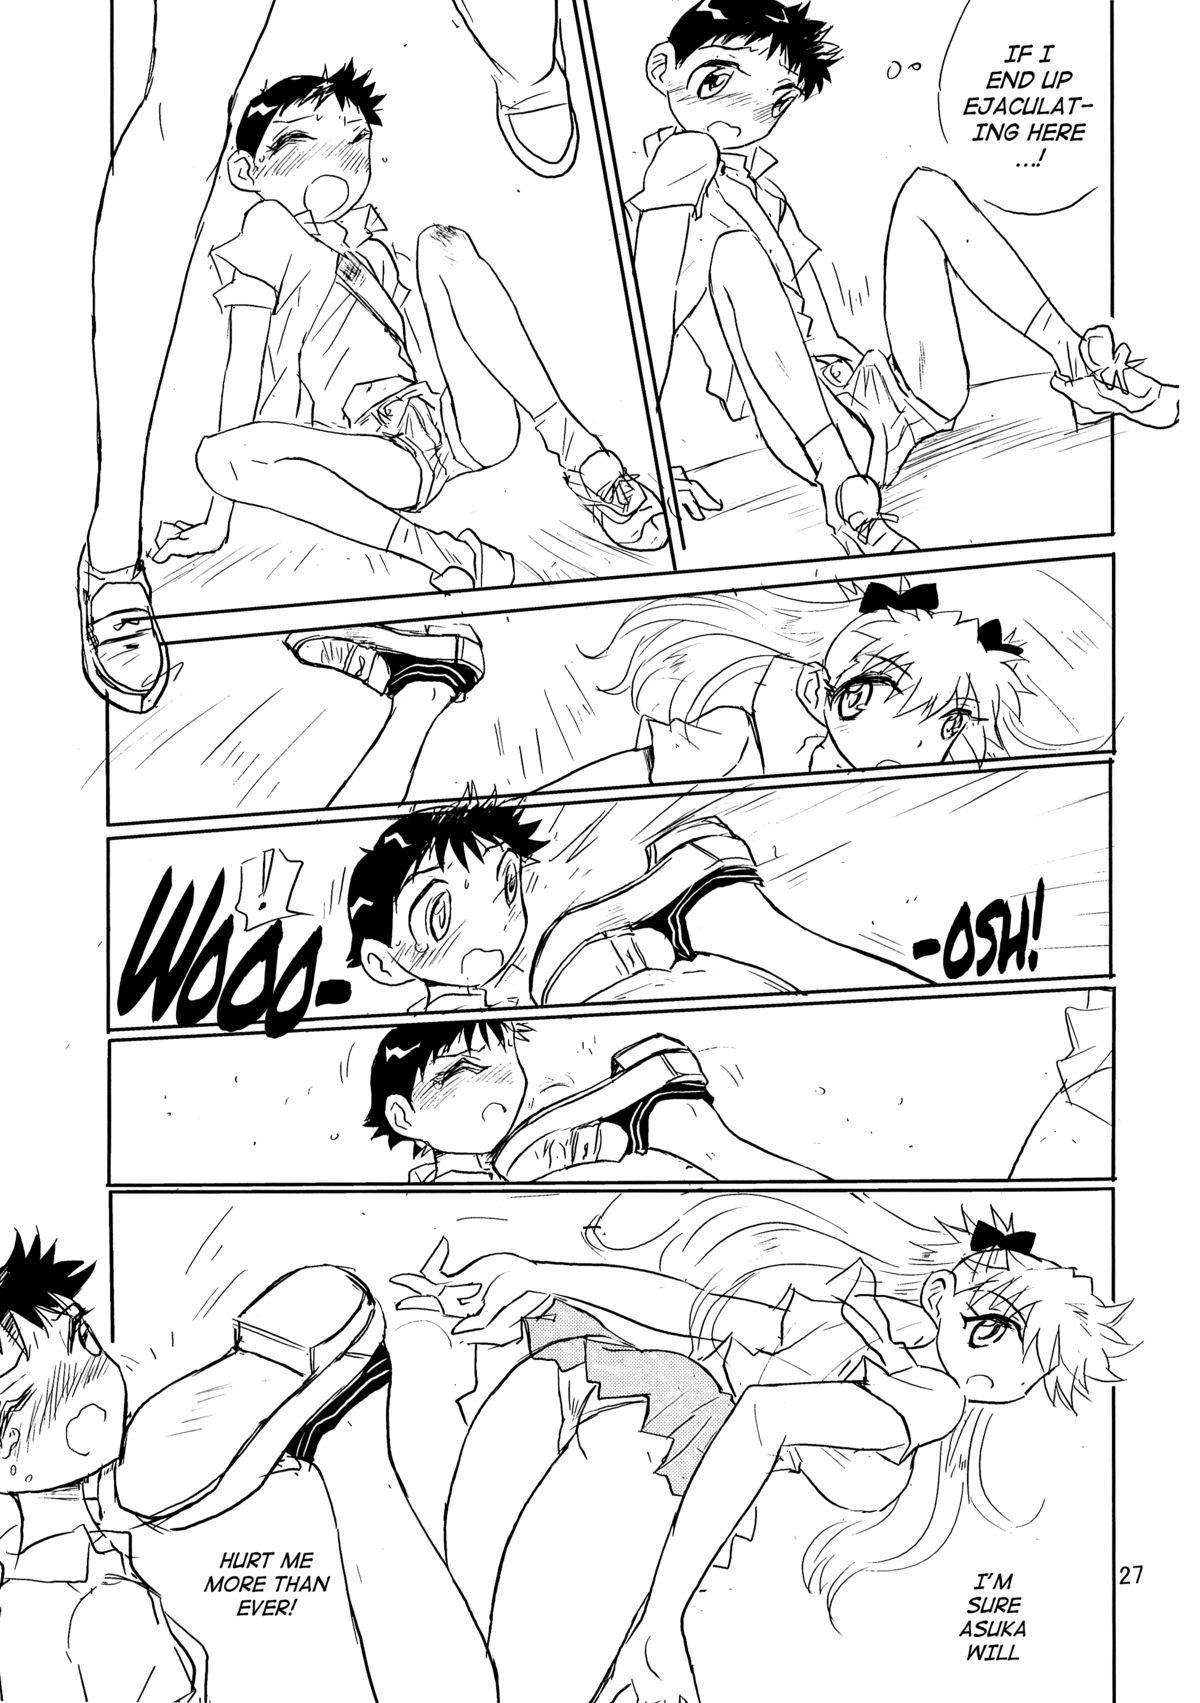 (C72) [Ito Ichizo Shouten (Ito Ichizo)] Otoko no Tatakai 10 -Onnanoko wa Natsu no Kemono-   Otoko no Tatakai 10 -The Girl, a Summer Beast- (Neon Genesis Evangelion) [English] [Maipantsu] 26